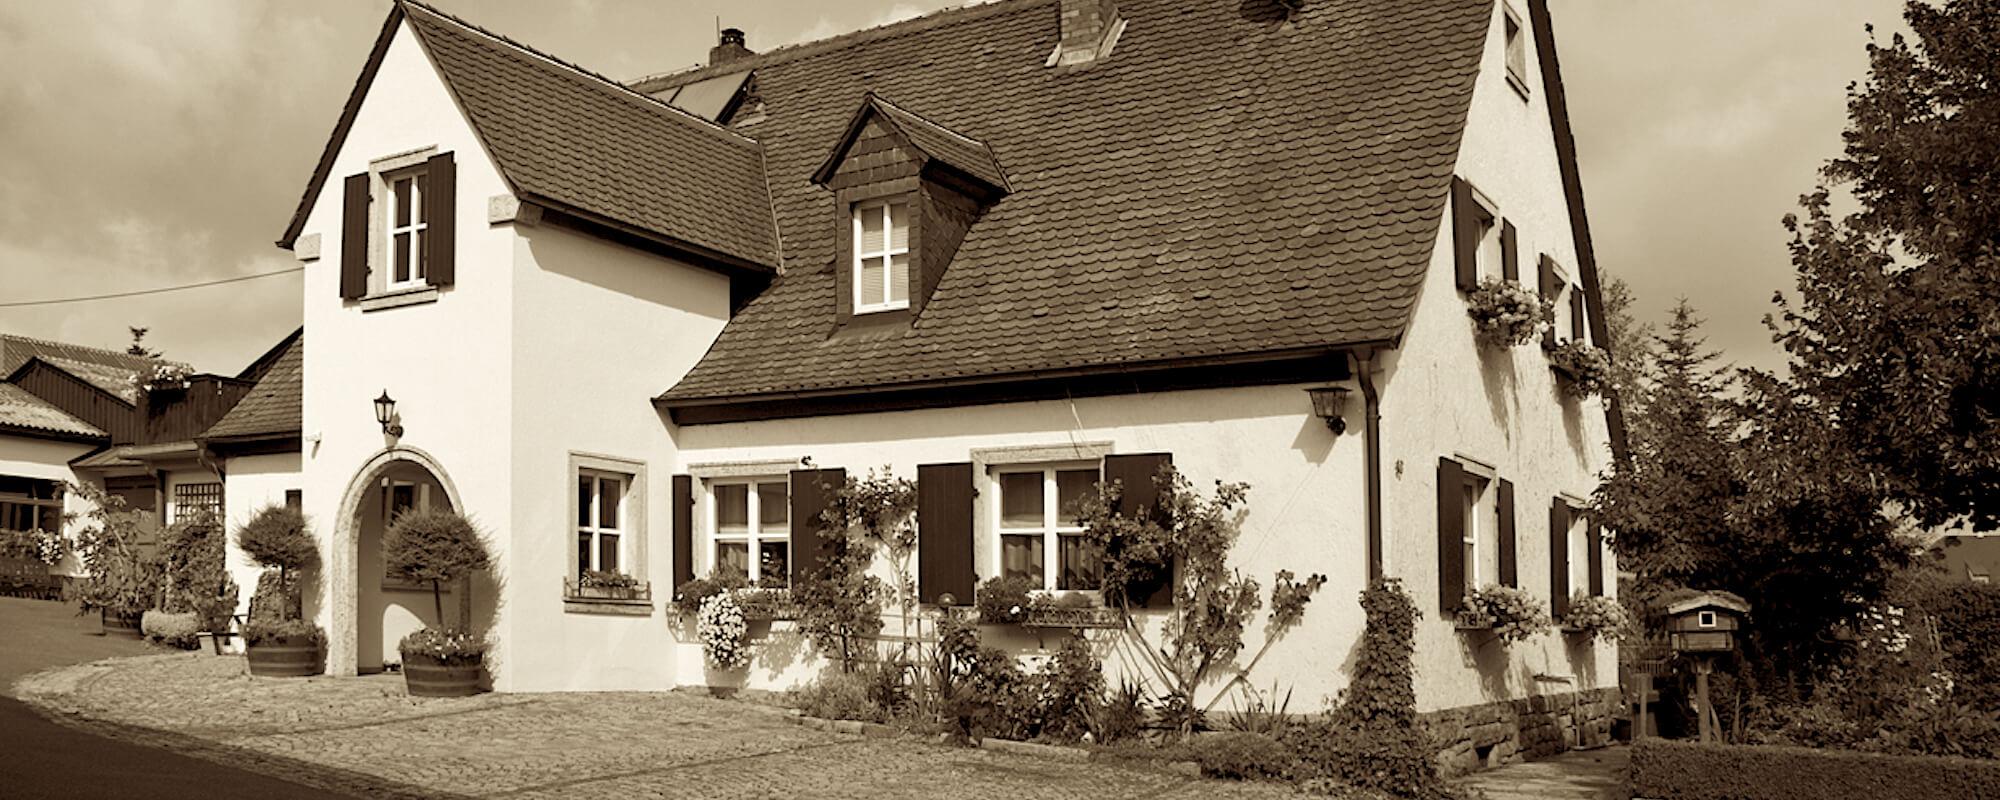 Weingut Altes Haus